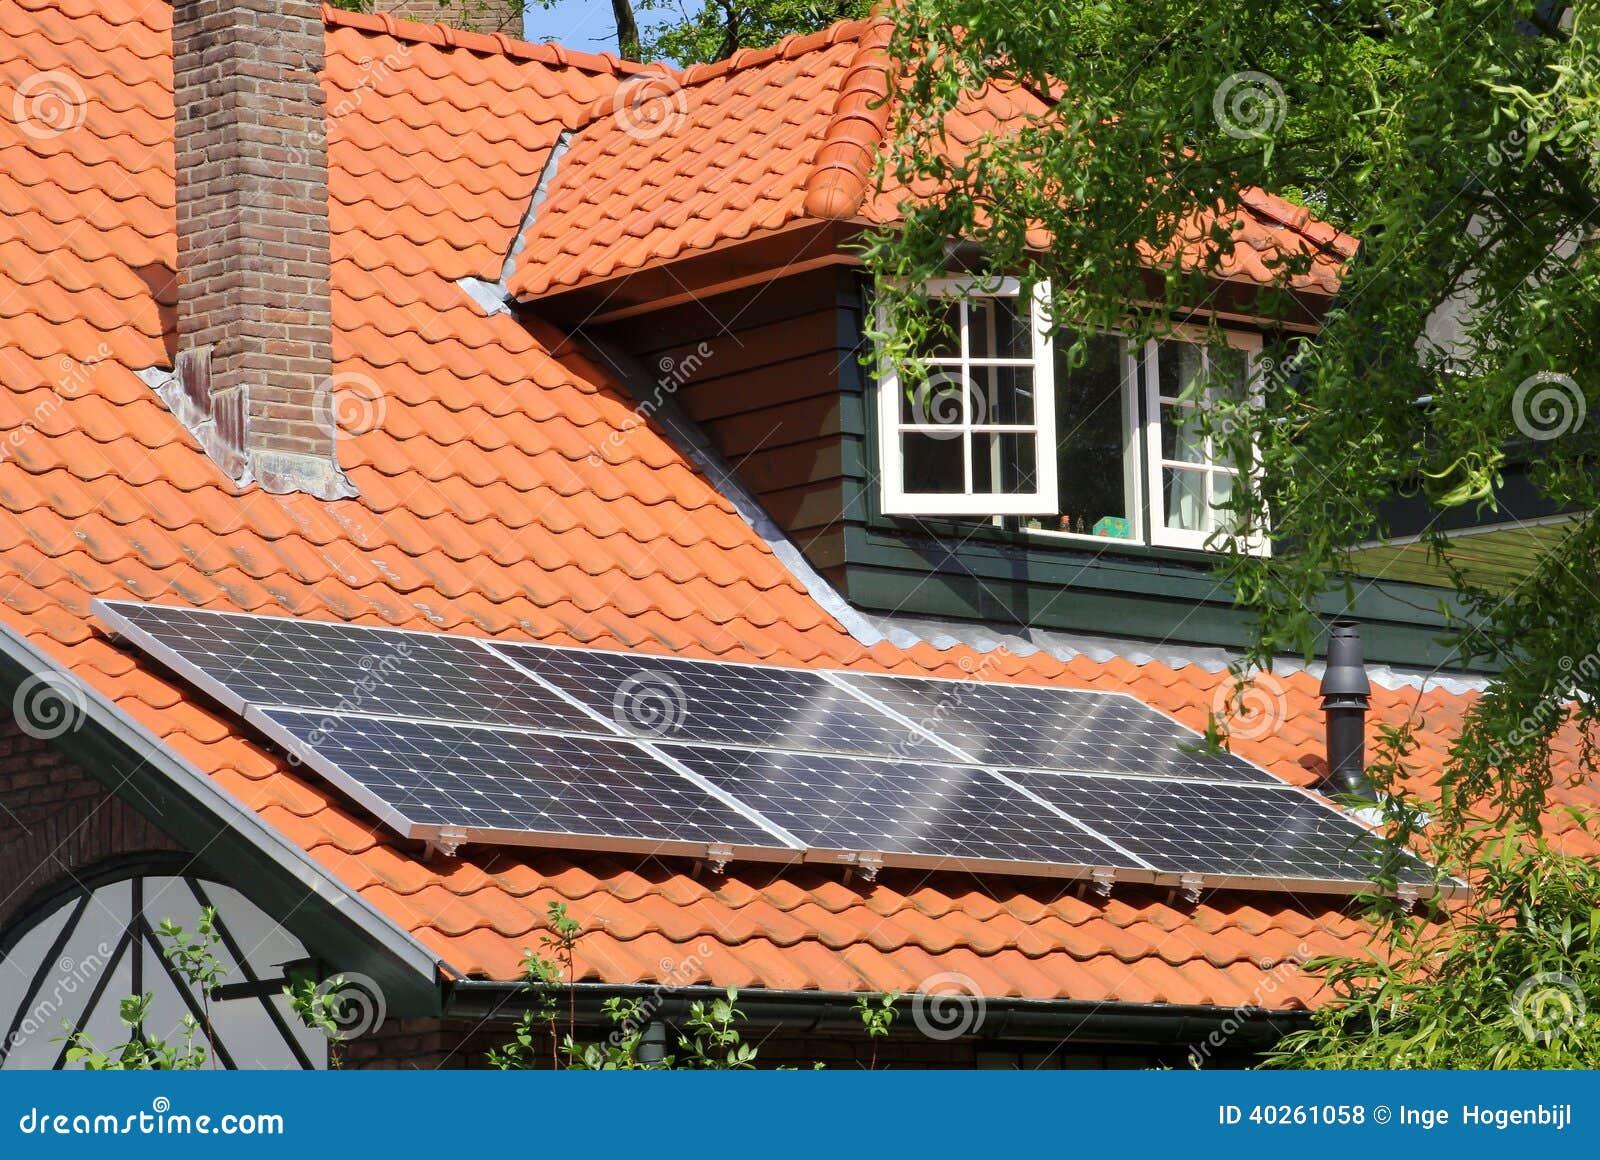 Toit De Maison Moderne Avec Les Panneaux Solaires Et Les Tuiles ...